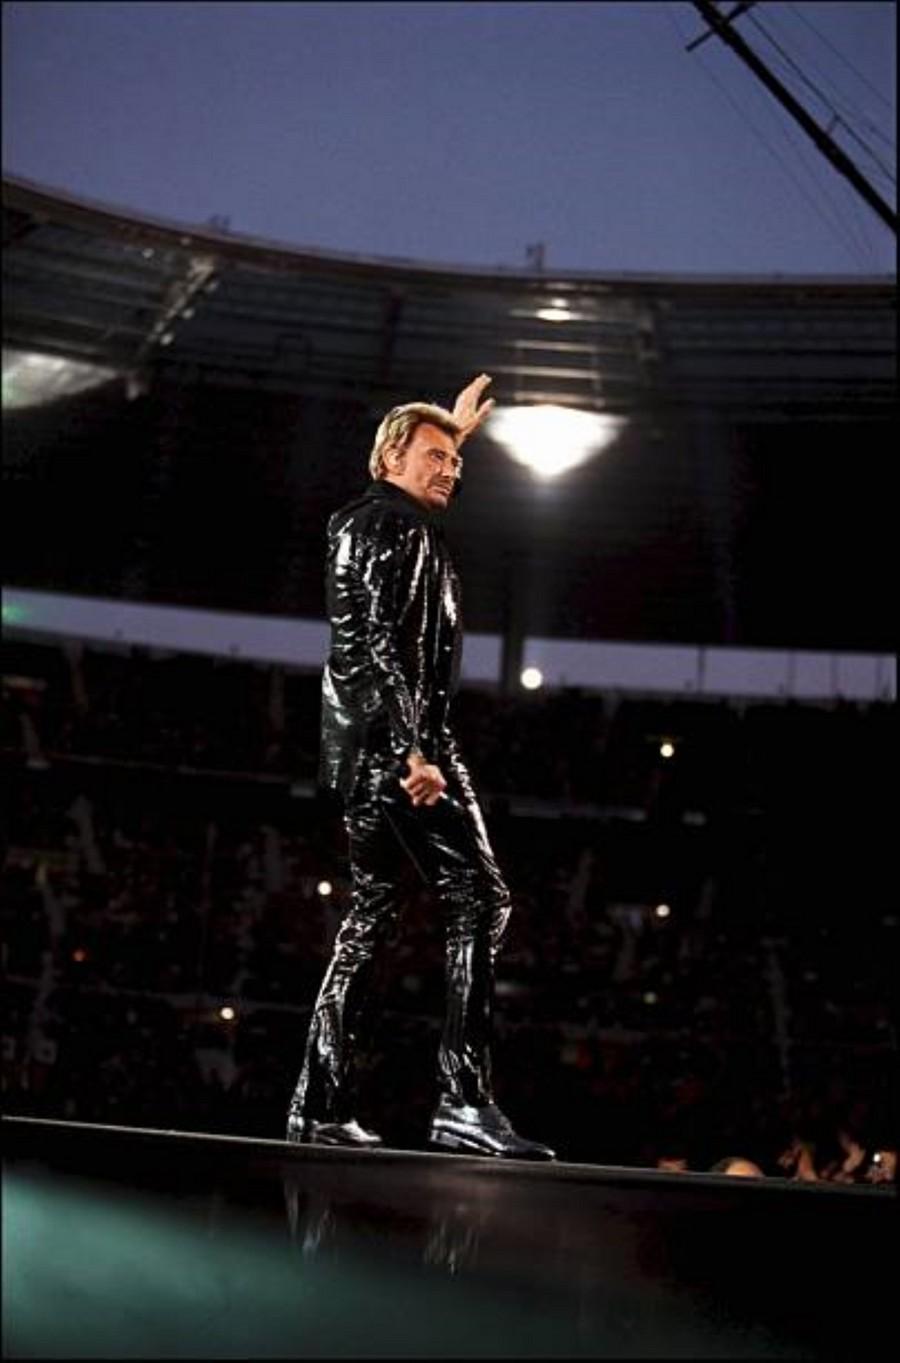 LES CONCERTS DE JOHNNY 'STADE DE FRANCE, SAINT-DENIS 1998' Getty384